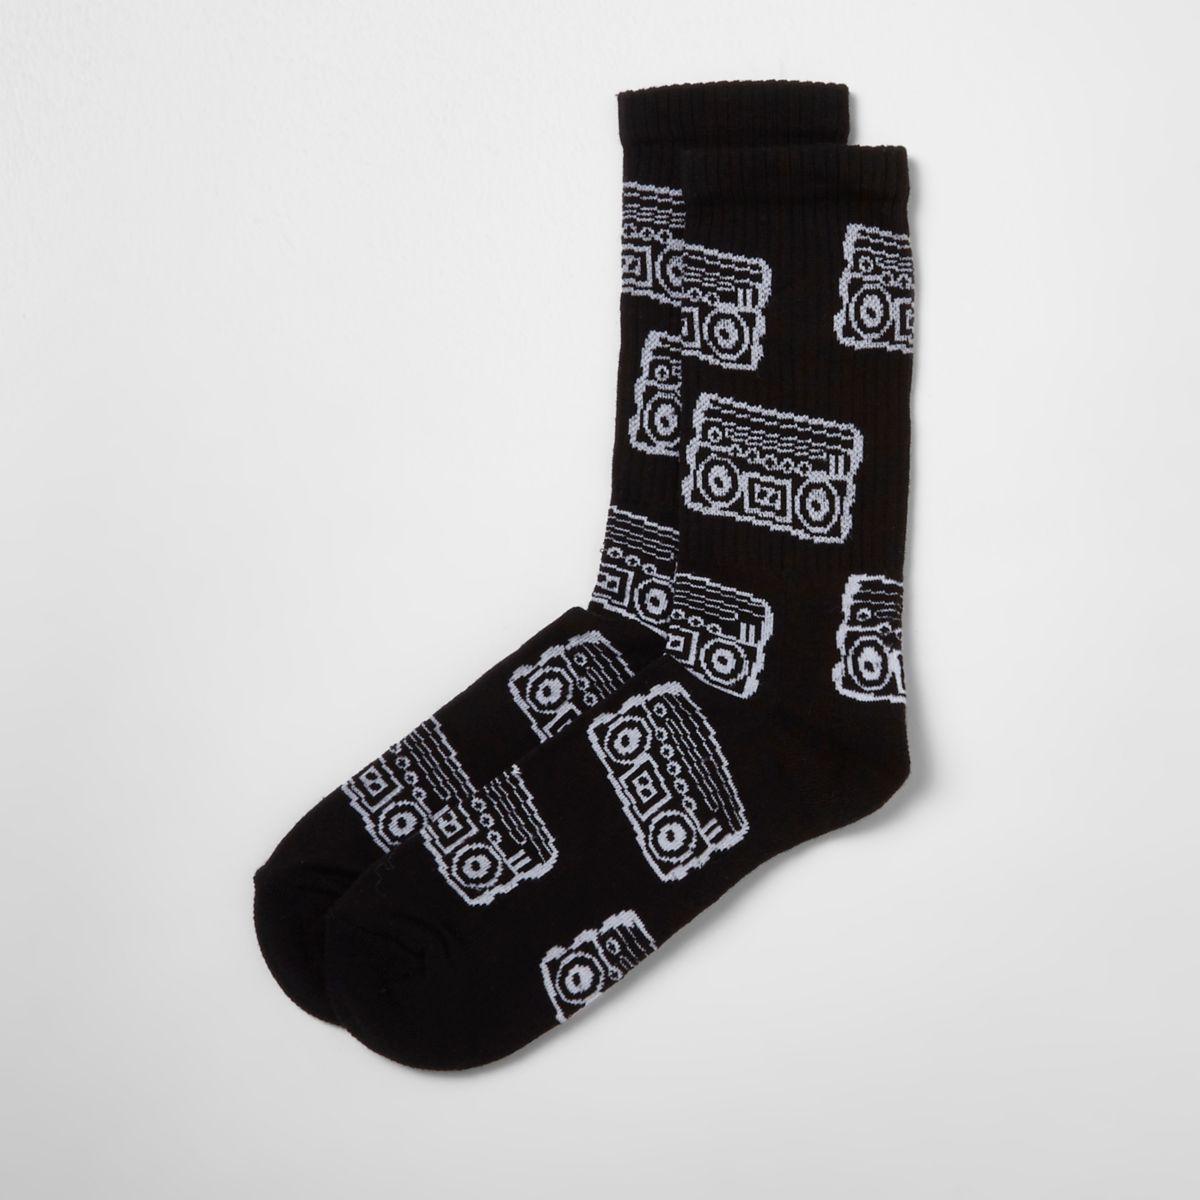 Zwarte sokken met cassettebandjesprint